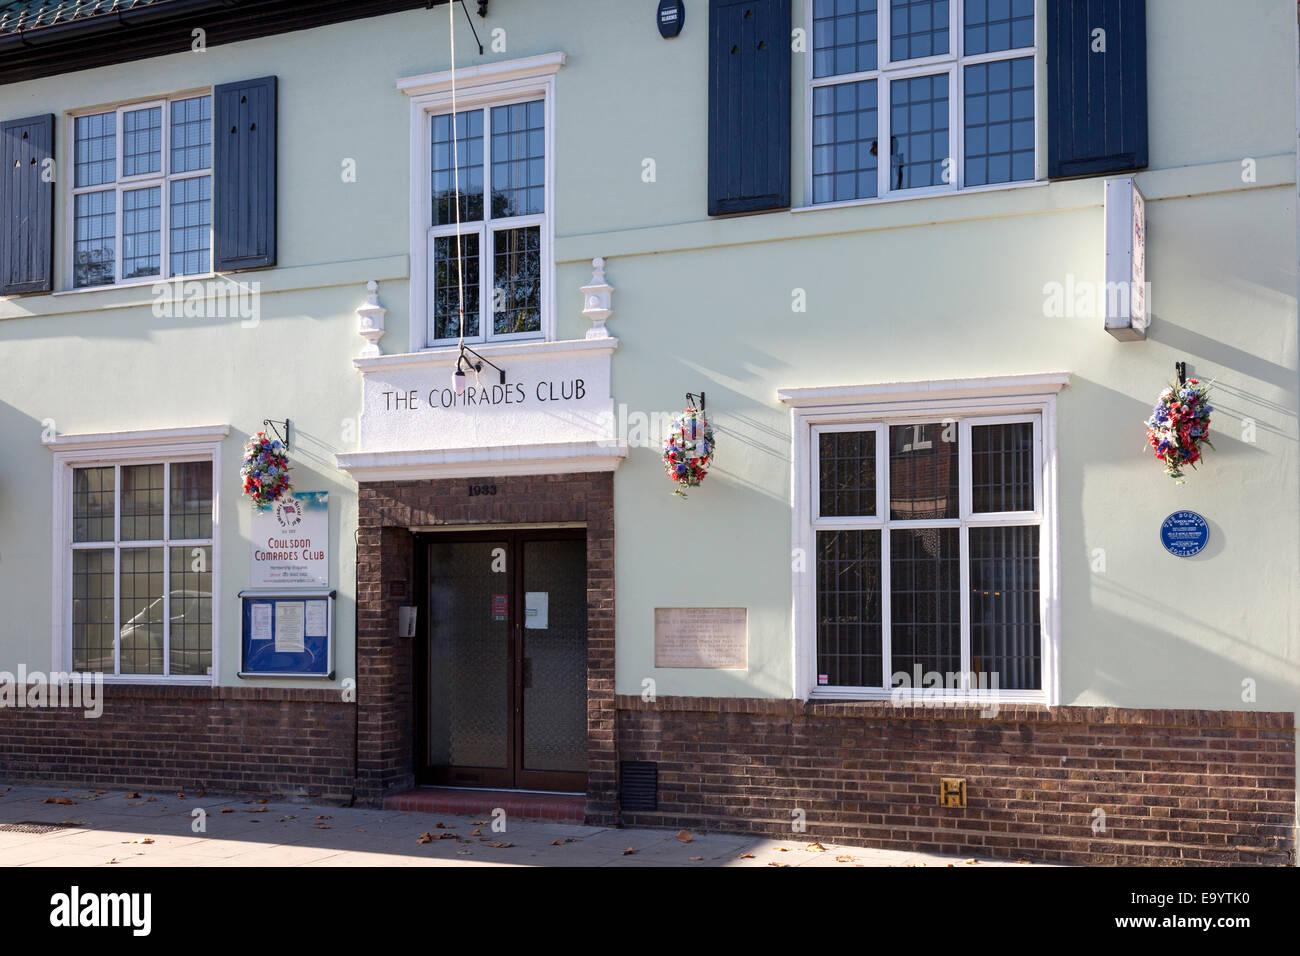 Coulsdon camarades Club, Coulsdon, Surrey Photo Stock